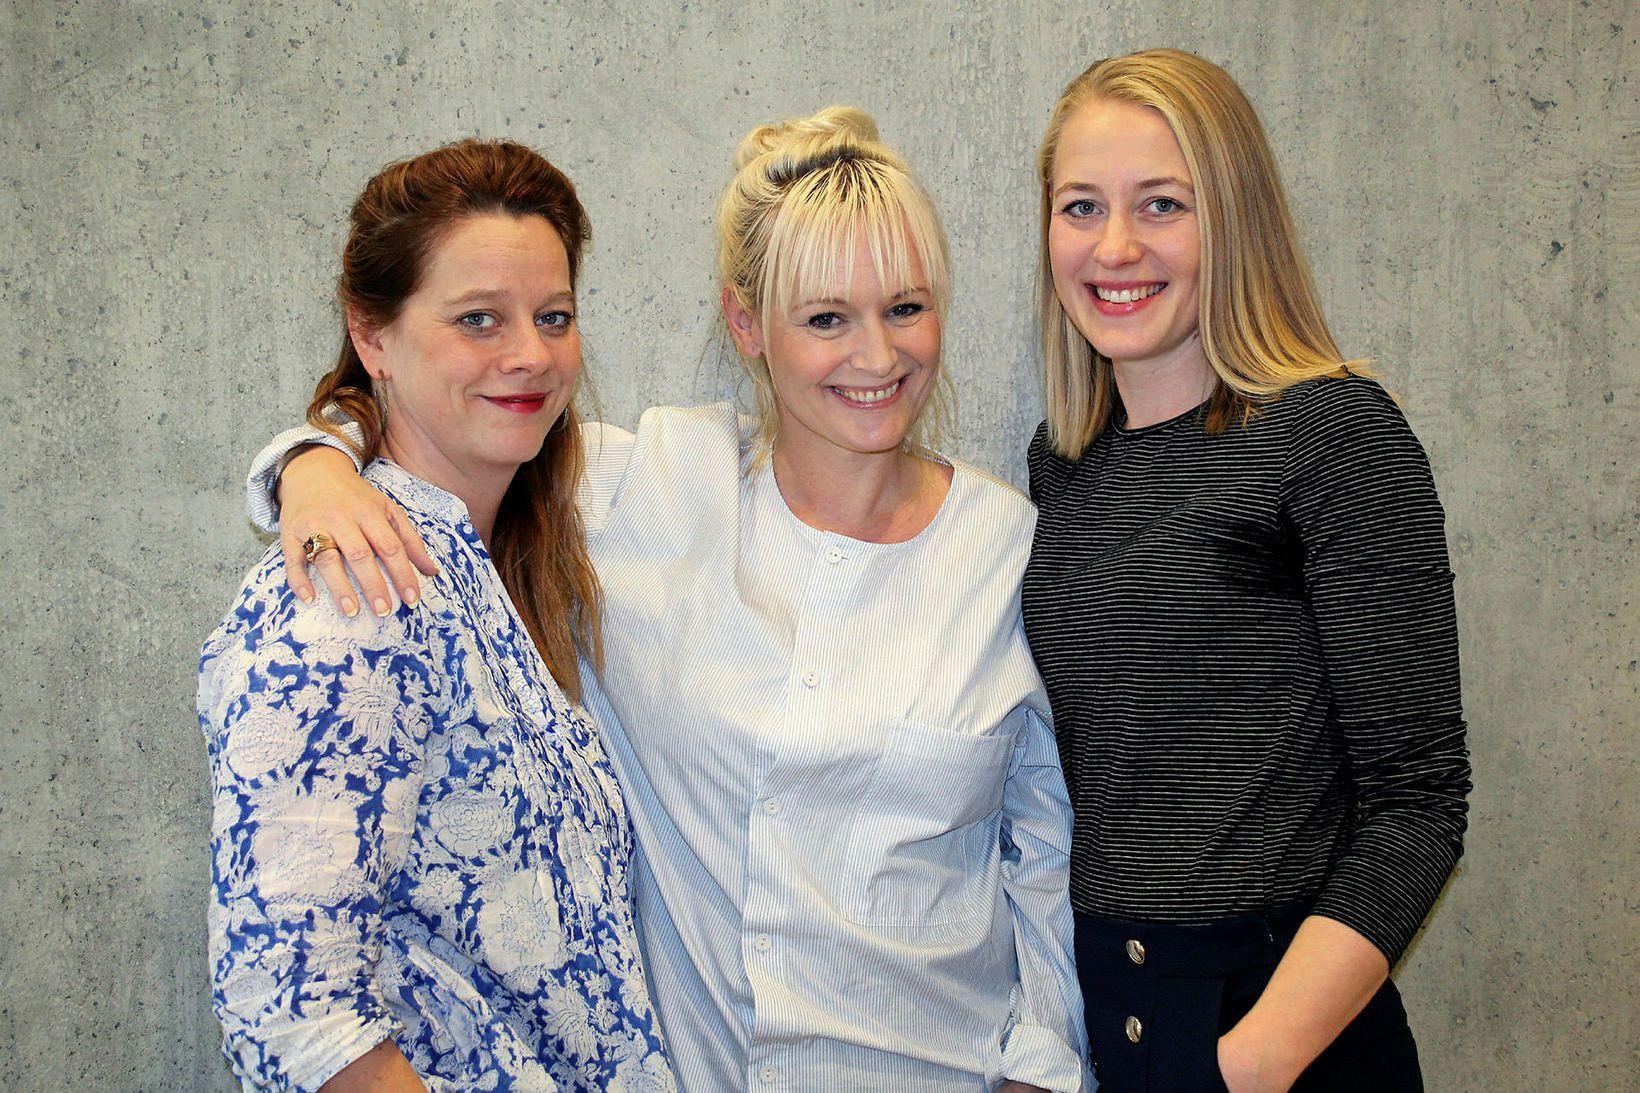 Sólveig Guðmundsdóttir, Nanna Kristín Magnúsdóttir og Sólveig Jónsdóttir eru á …